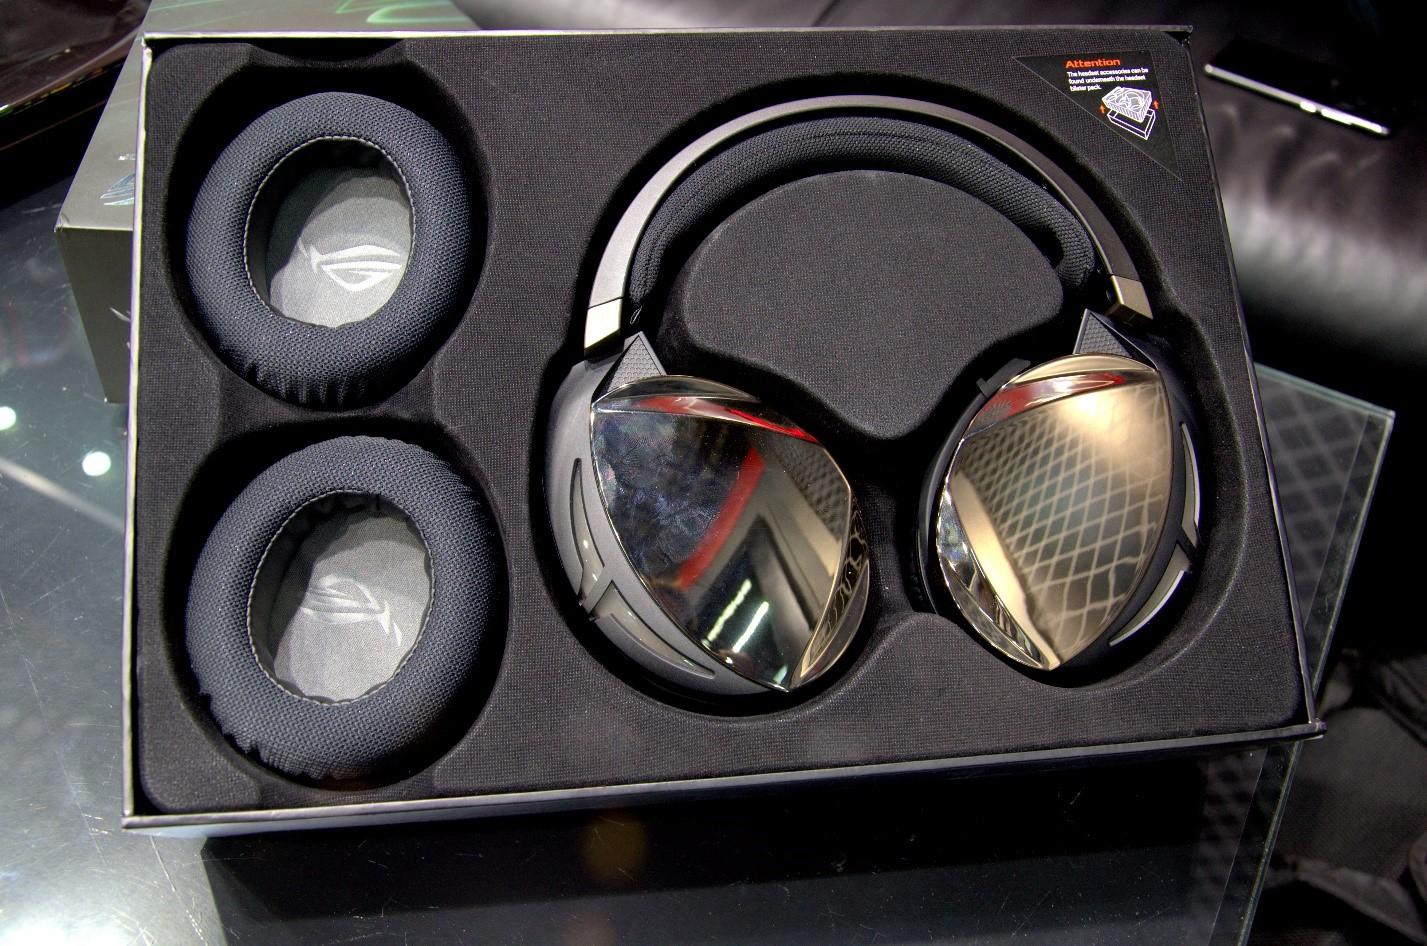 Игровая гарнитура ROG Strix Fusion 500 коробка внутри